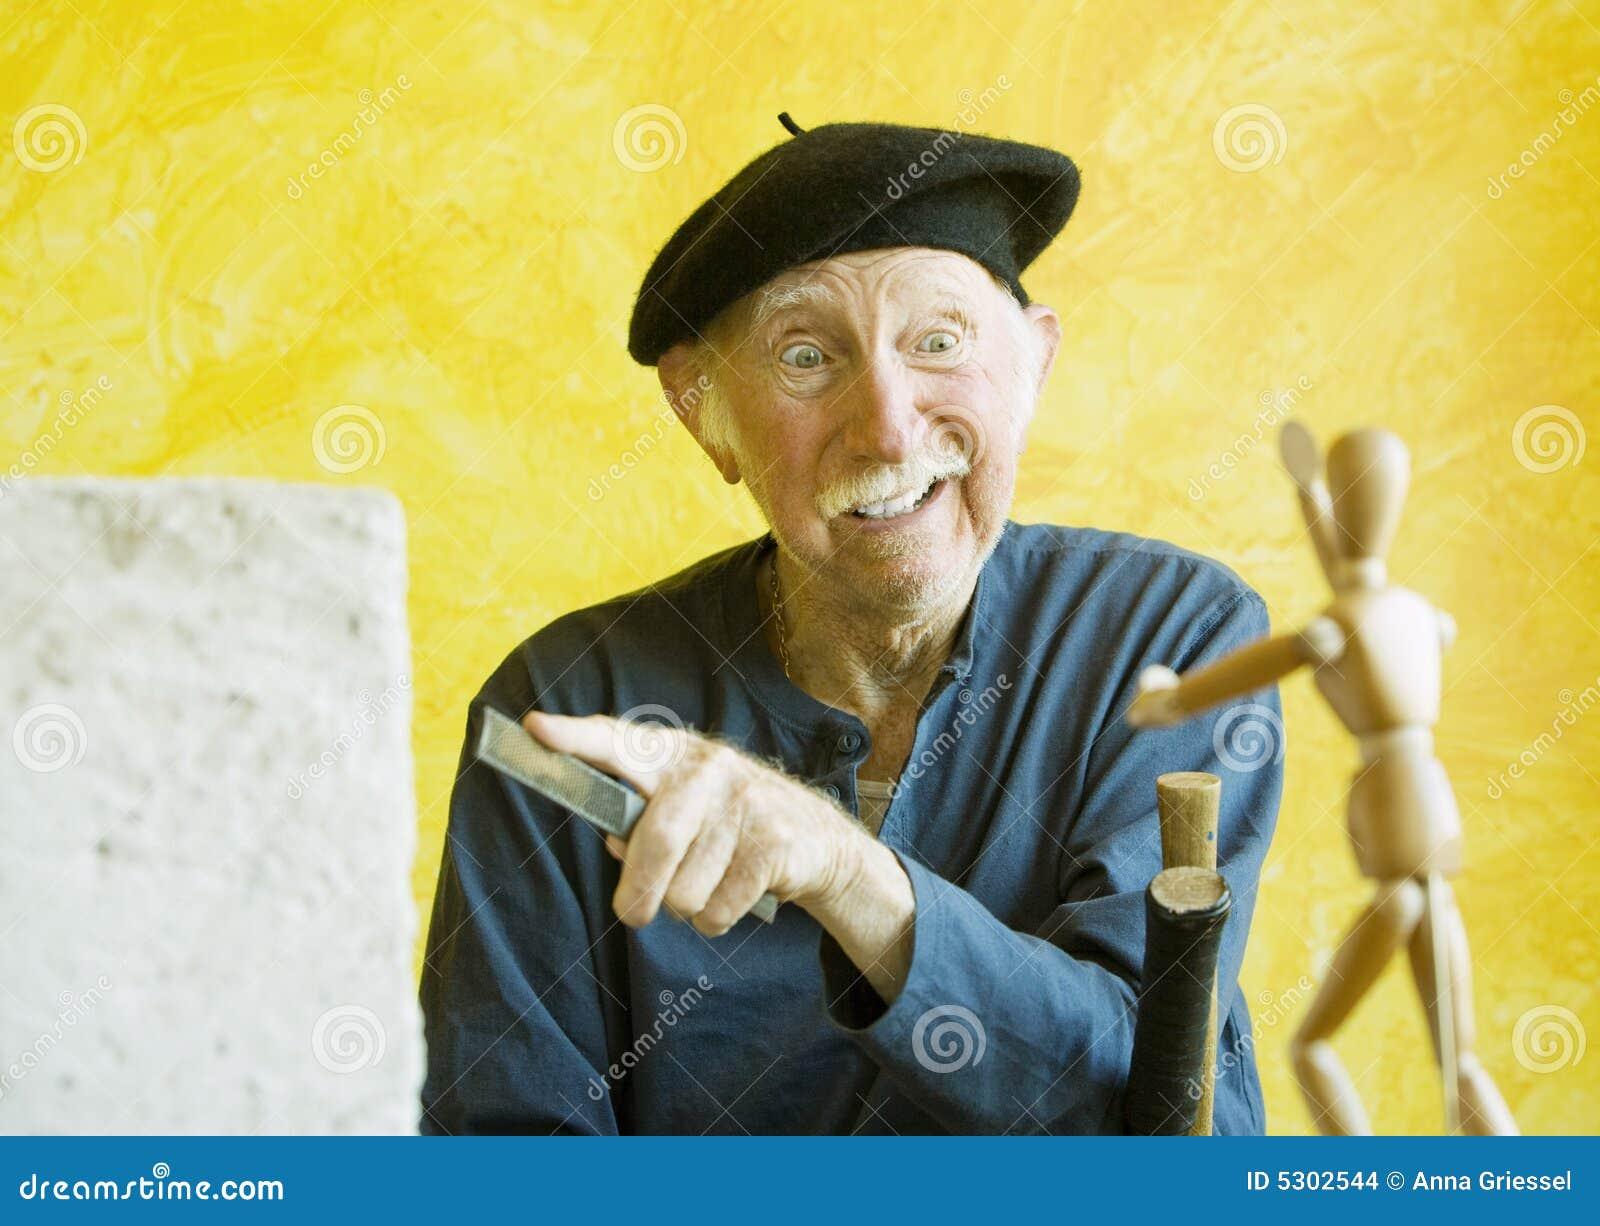 Download Artista Pazzesco Con Una Figura Di Legno Modello Fotografia Stock - Immagine di wooden, uomo: 5302544